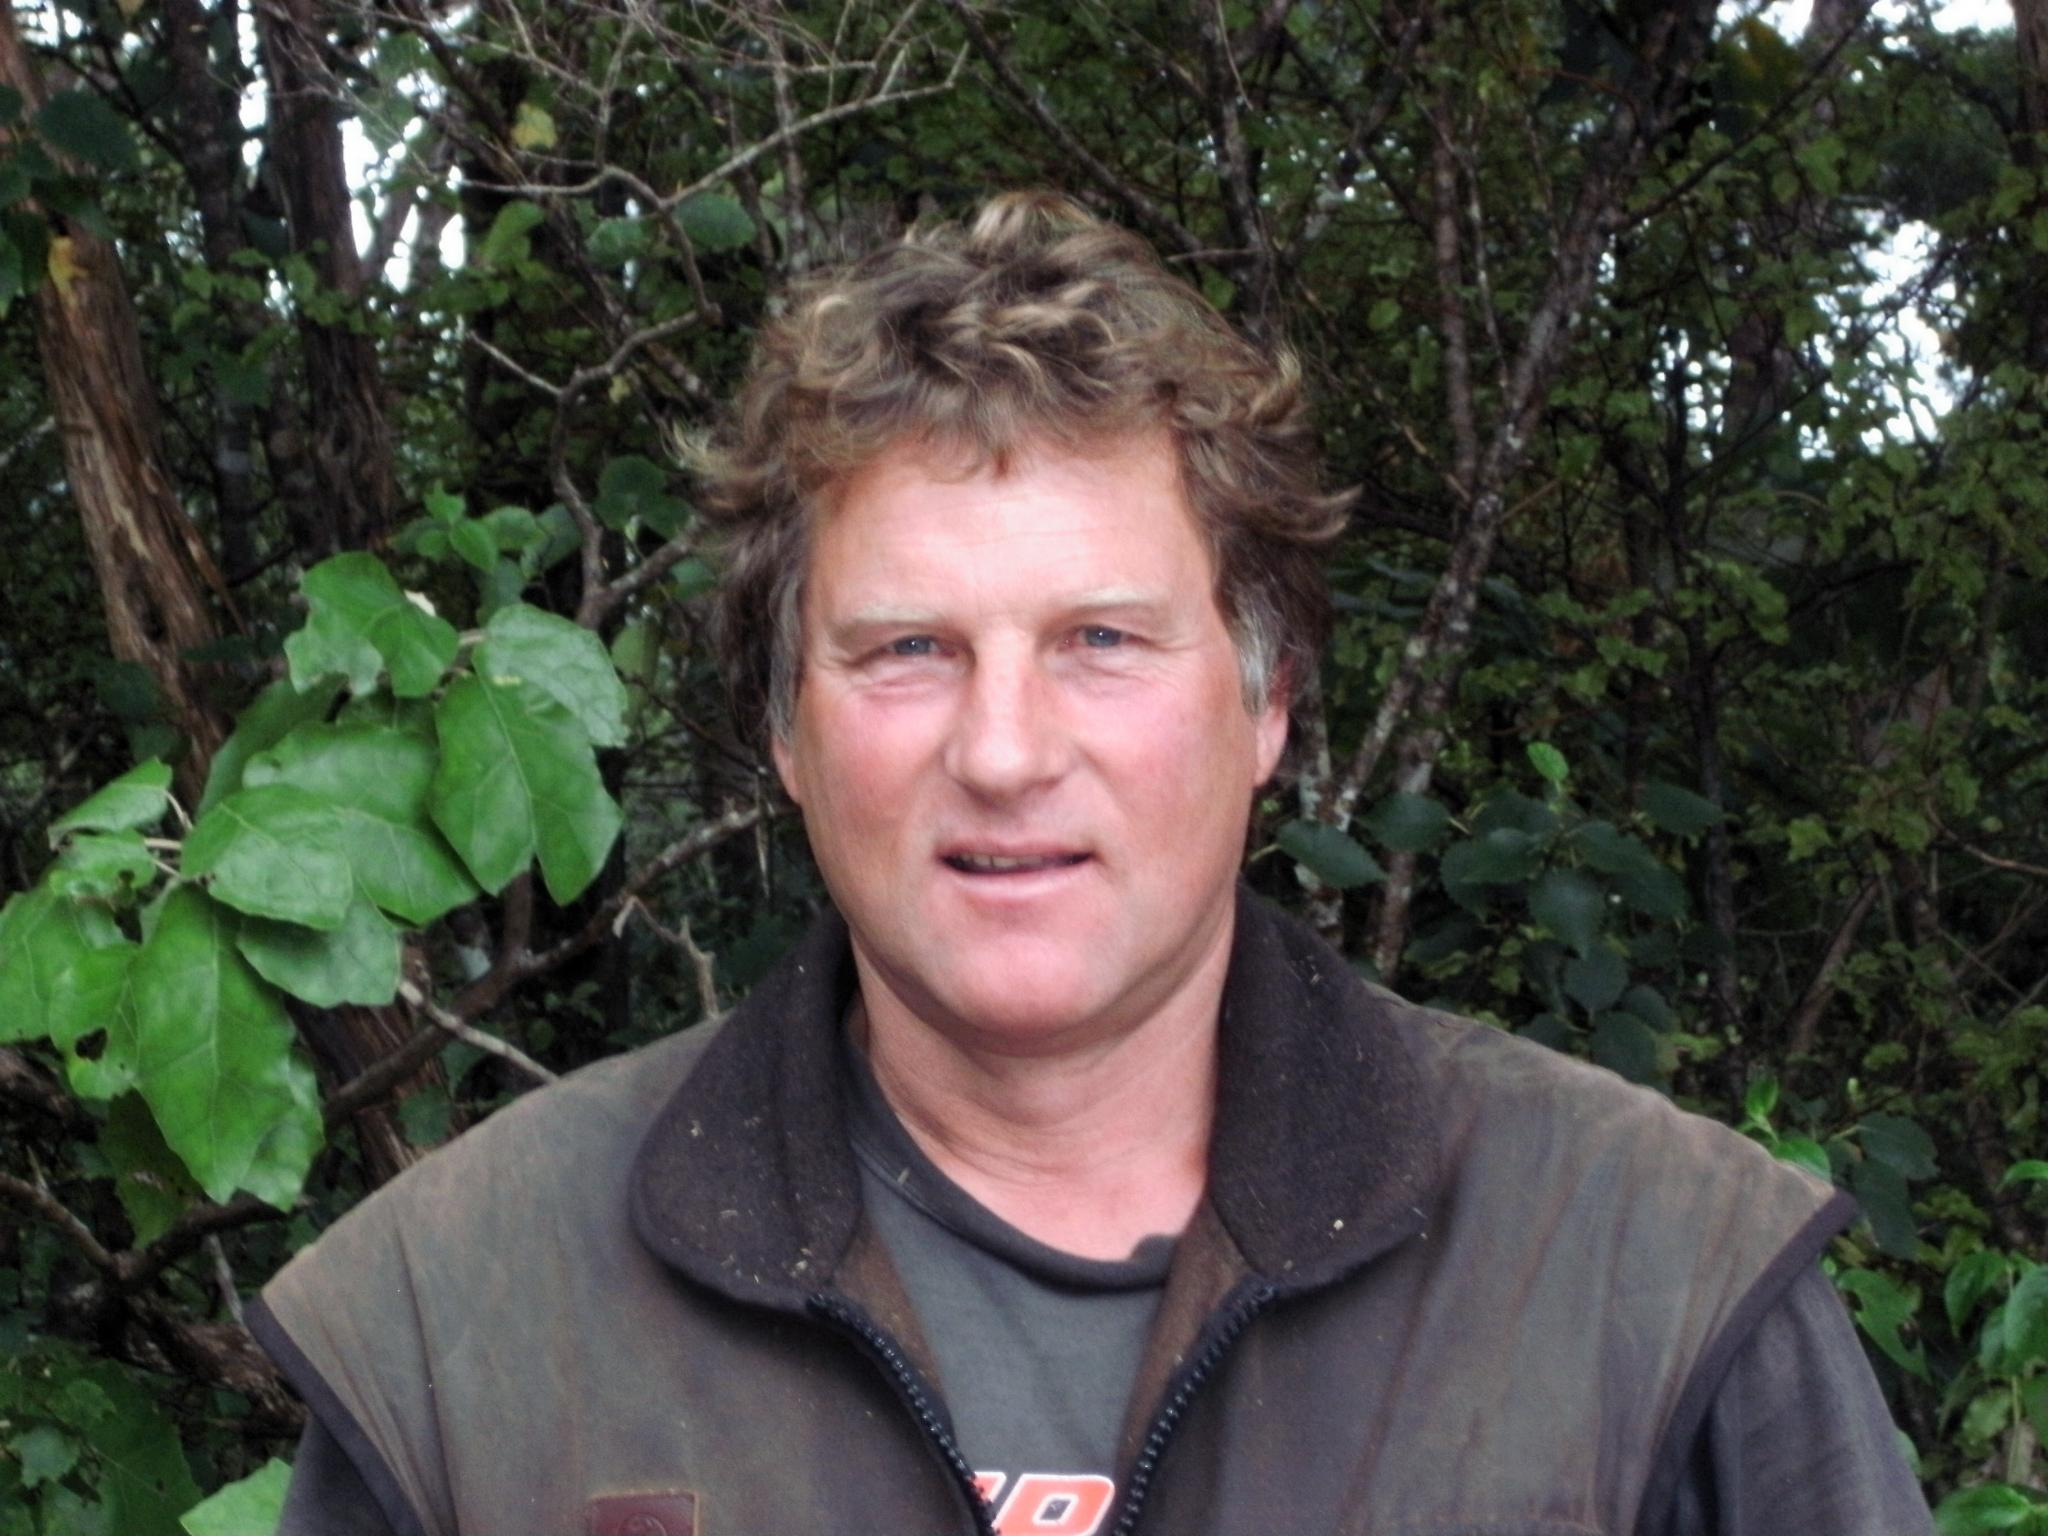 Dean Medland